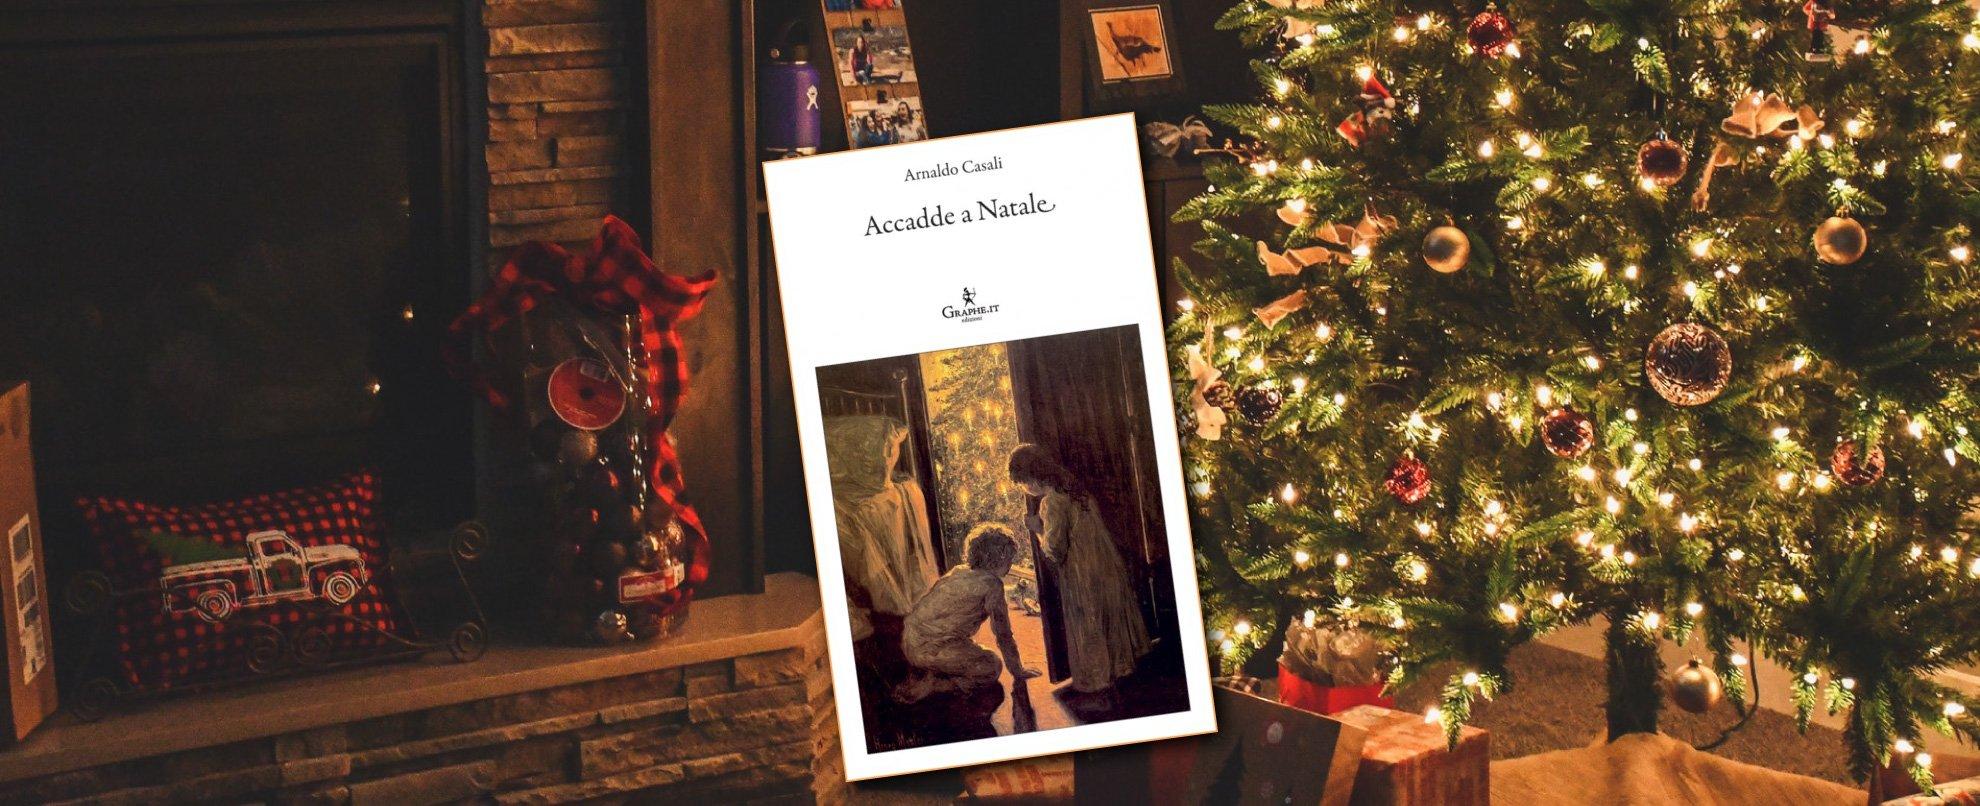 Accadde a Natale, il nuovo libro dell'autore e giornalista ternano Arnaldo Casali.